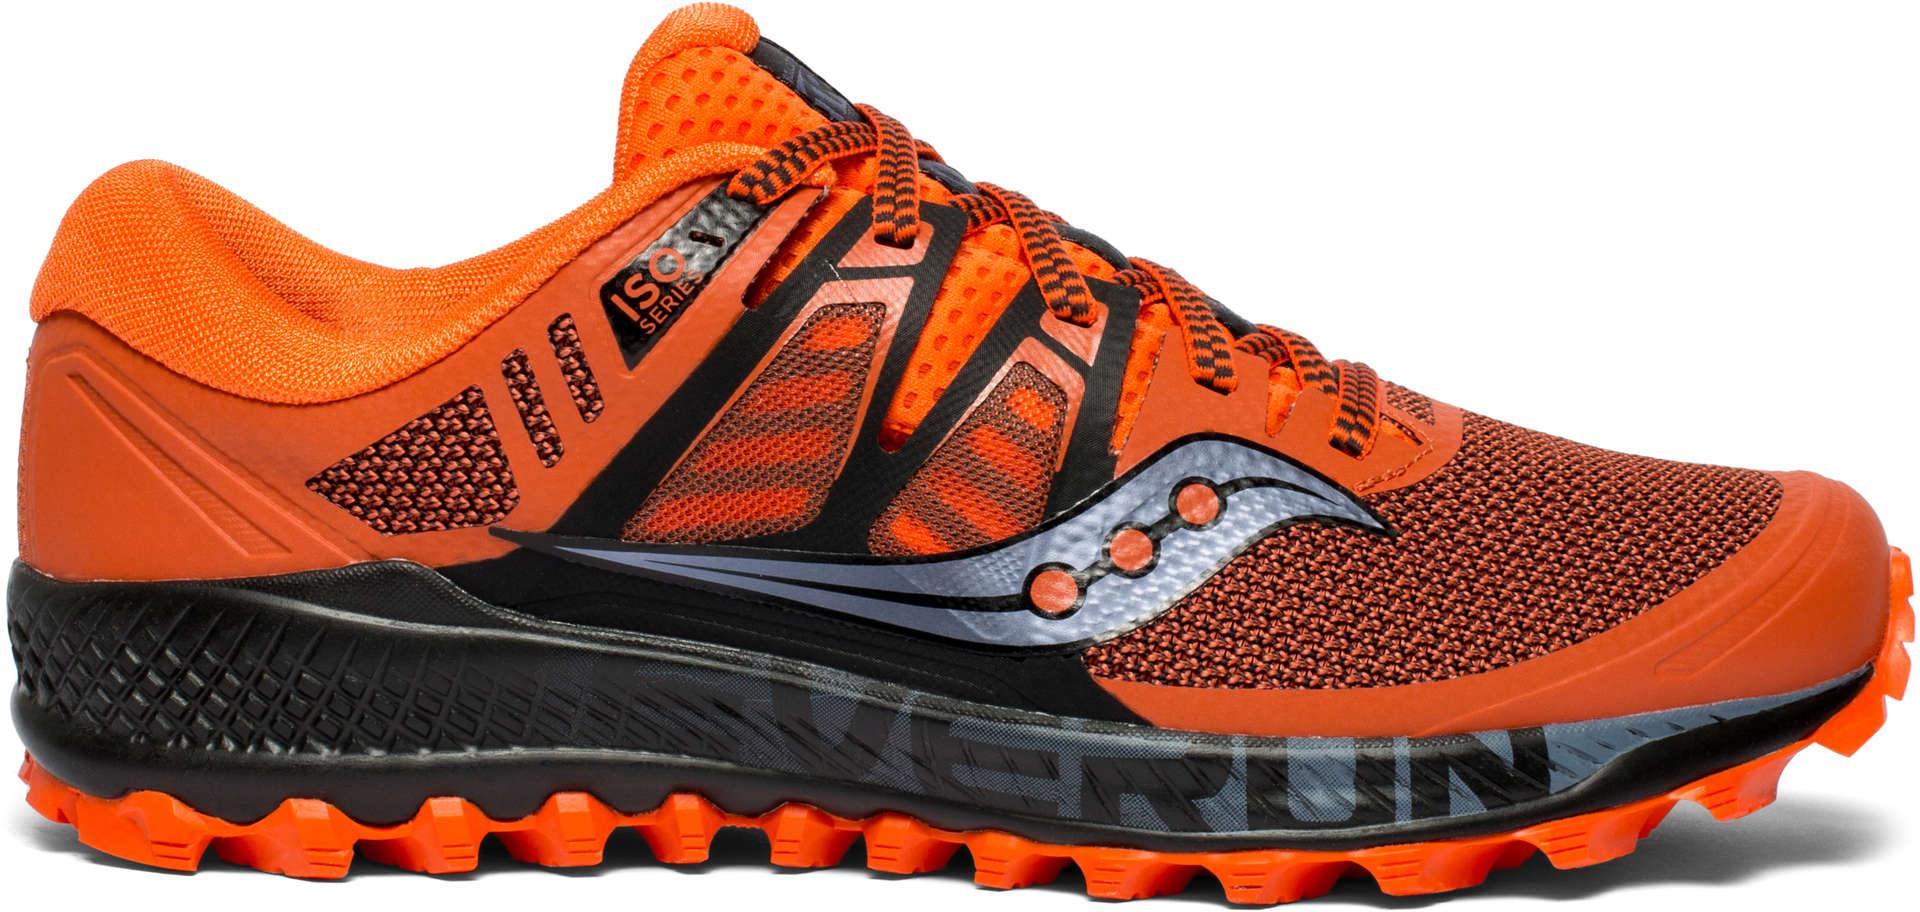 17395dfe375 Saucony Peregrine ISO Trail Hardloopschoenen Oranje/Zwart Heren koop ...